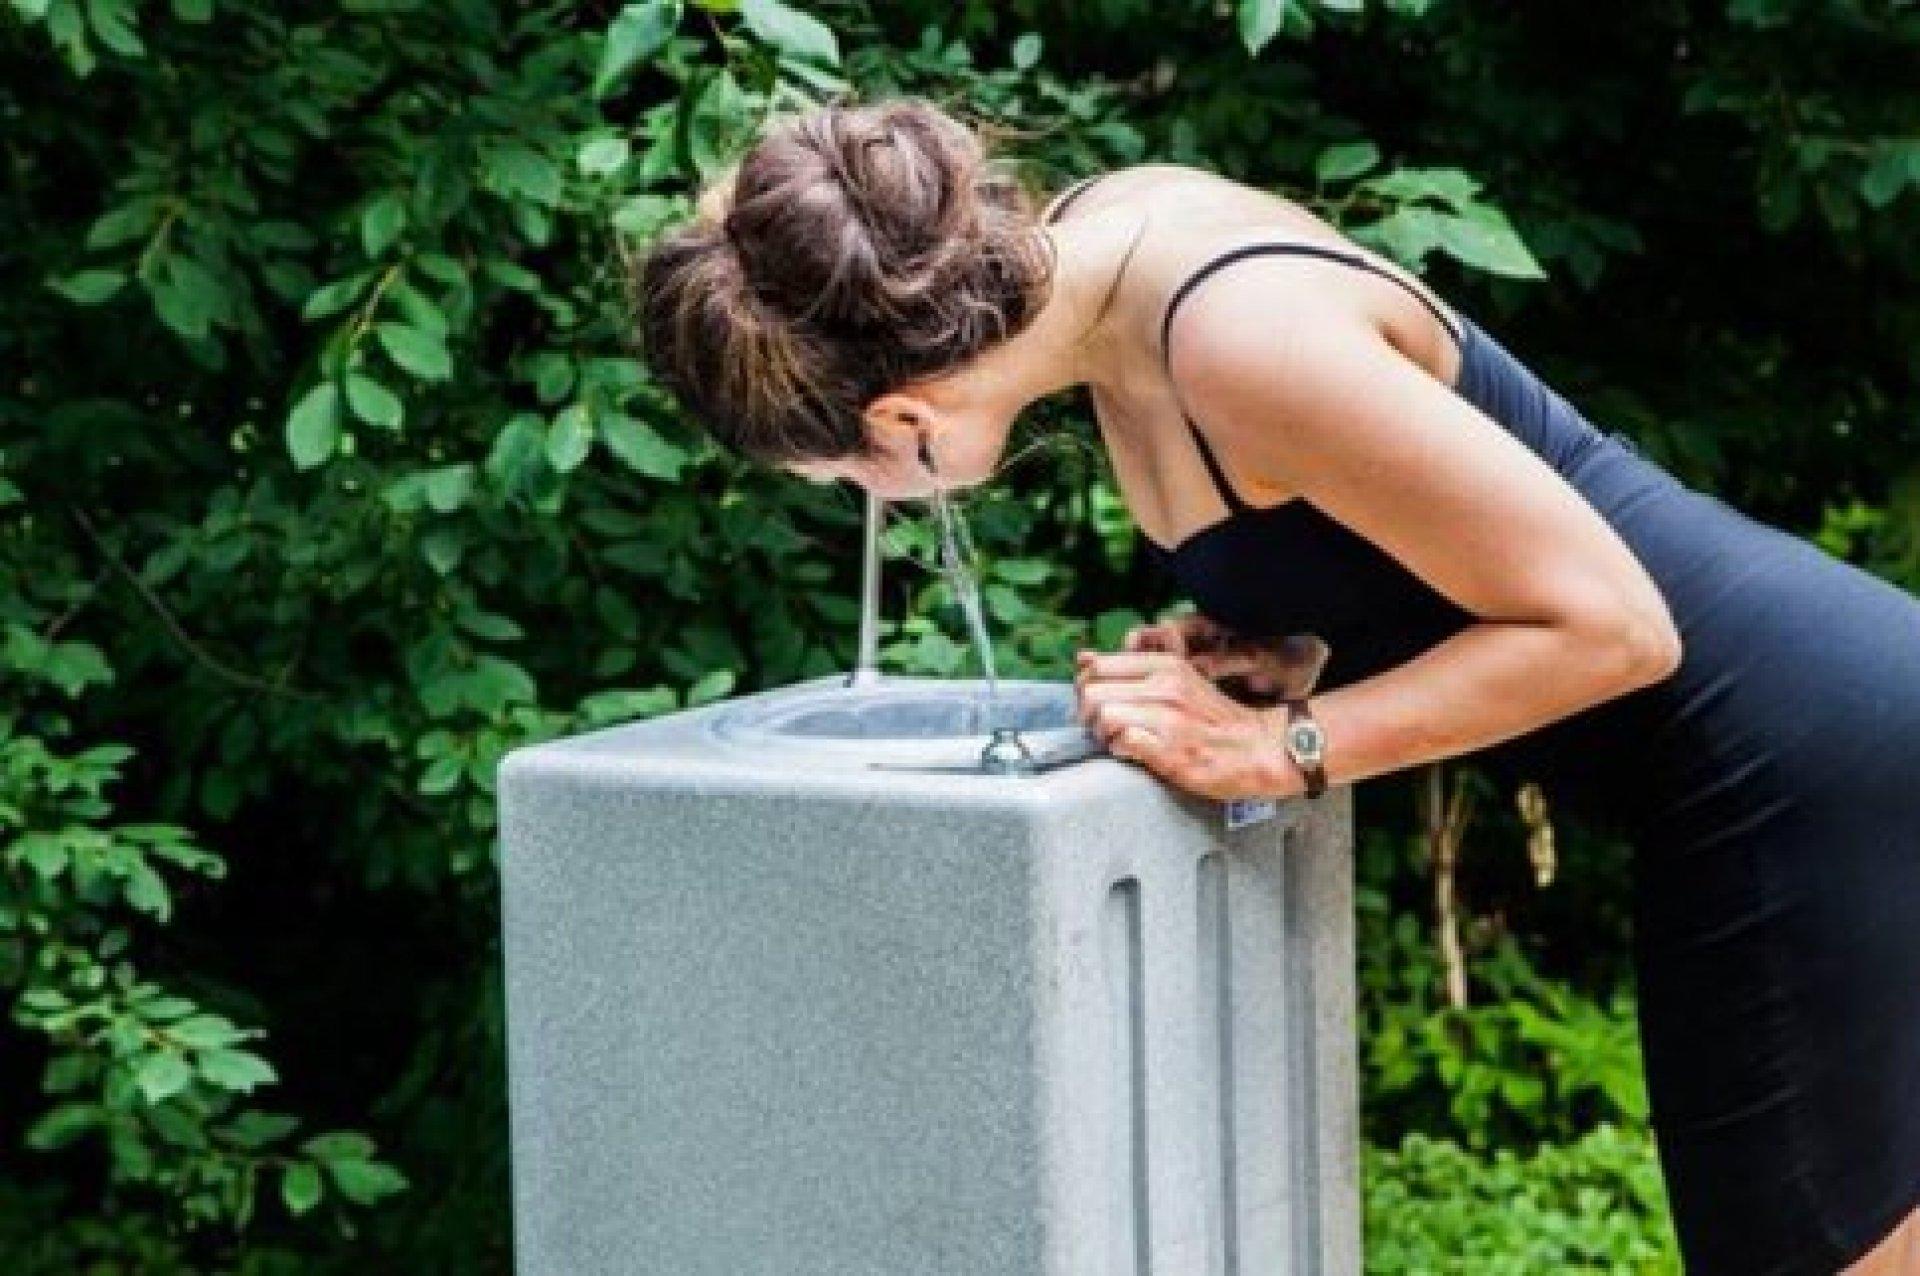 Депутаты Европарламента заменят пластиковые бутылки фонтанчиками с водой